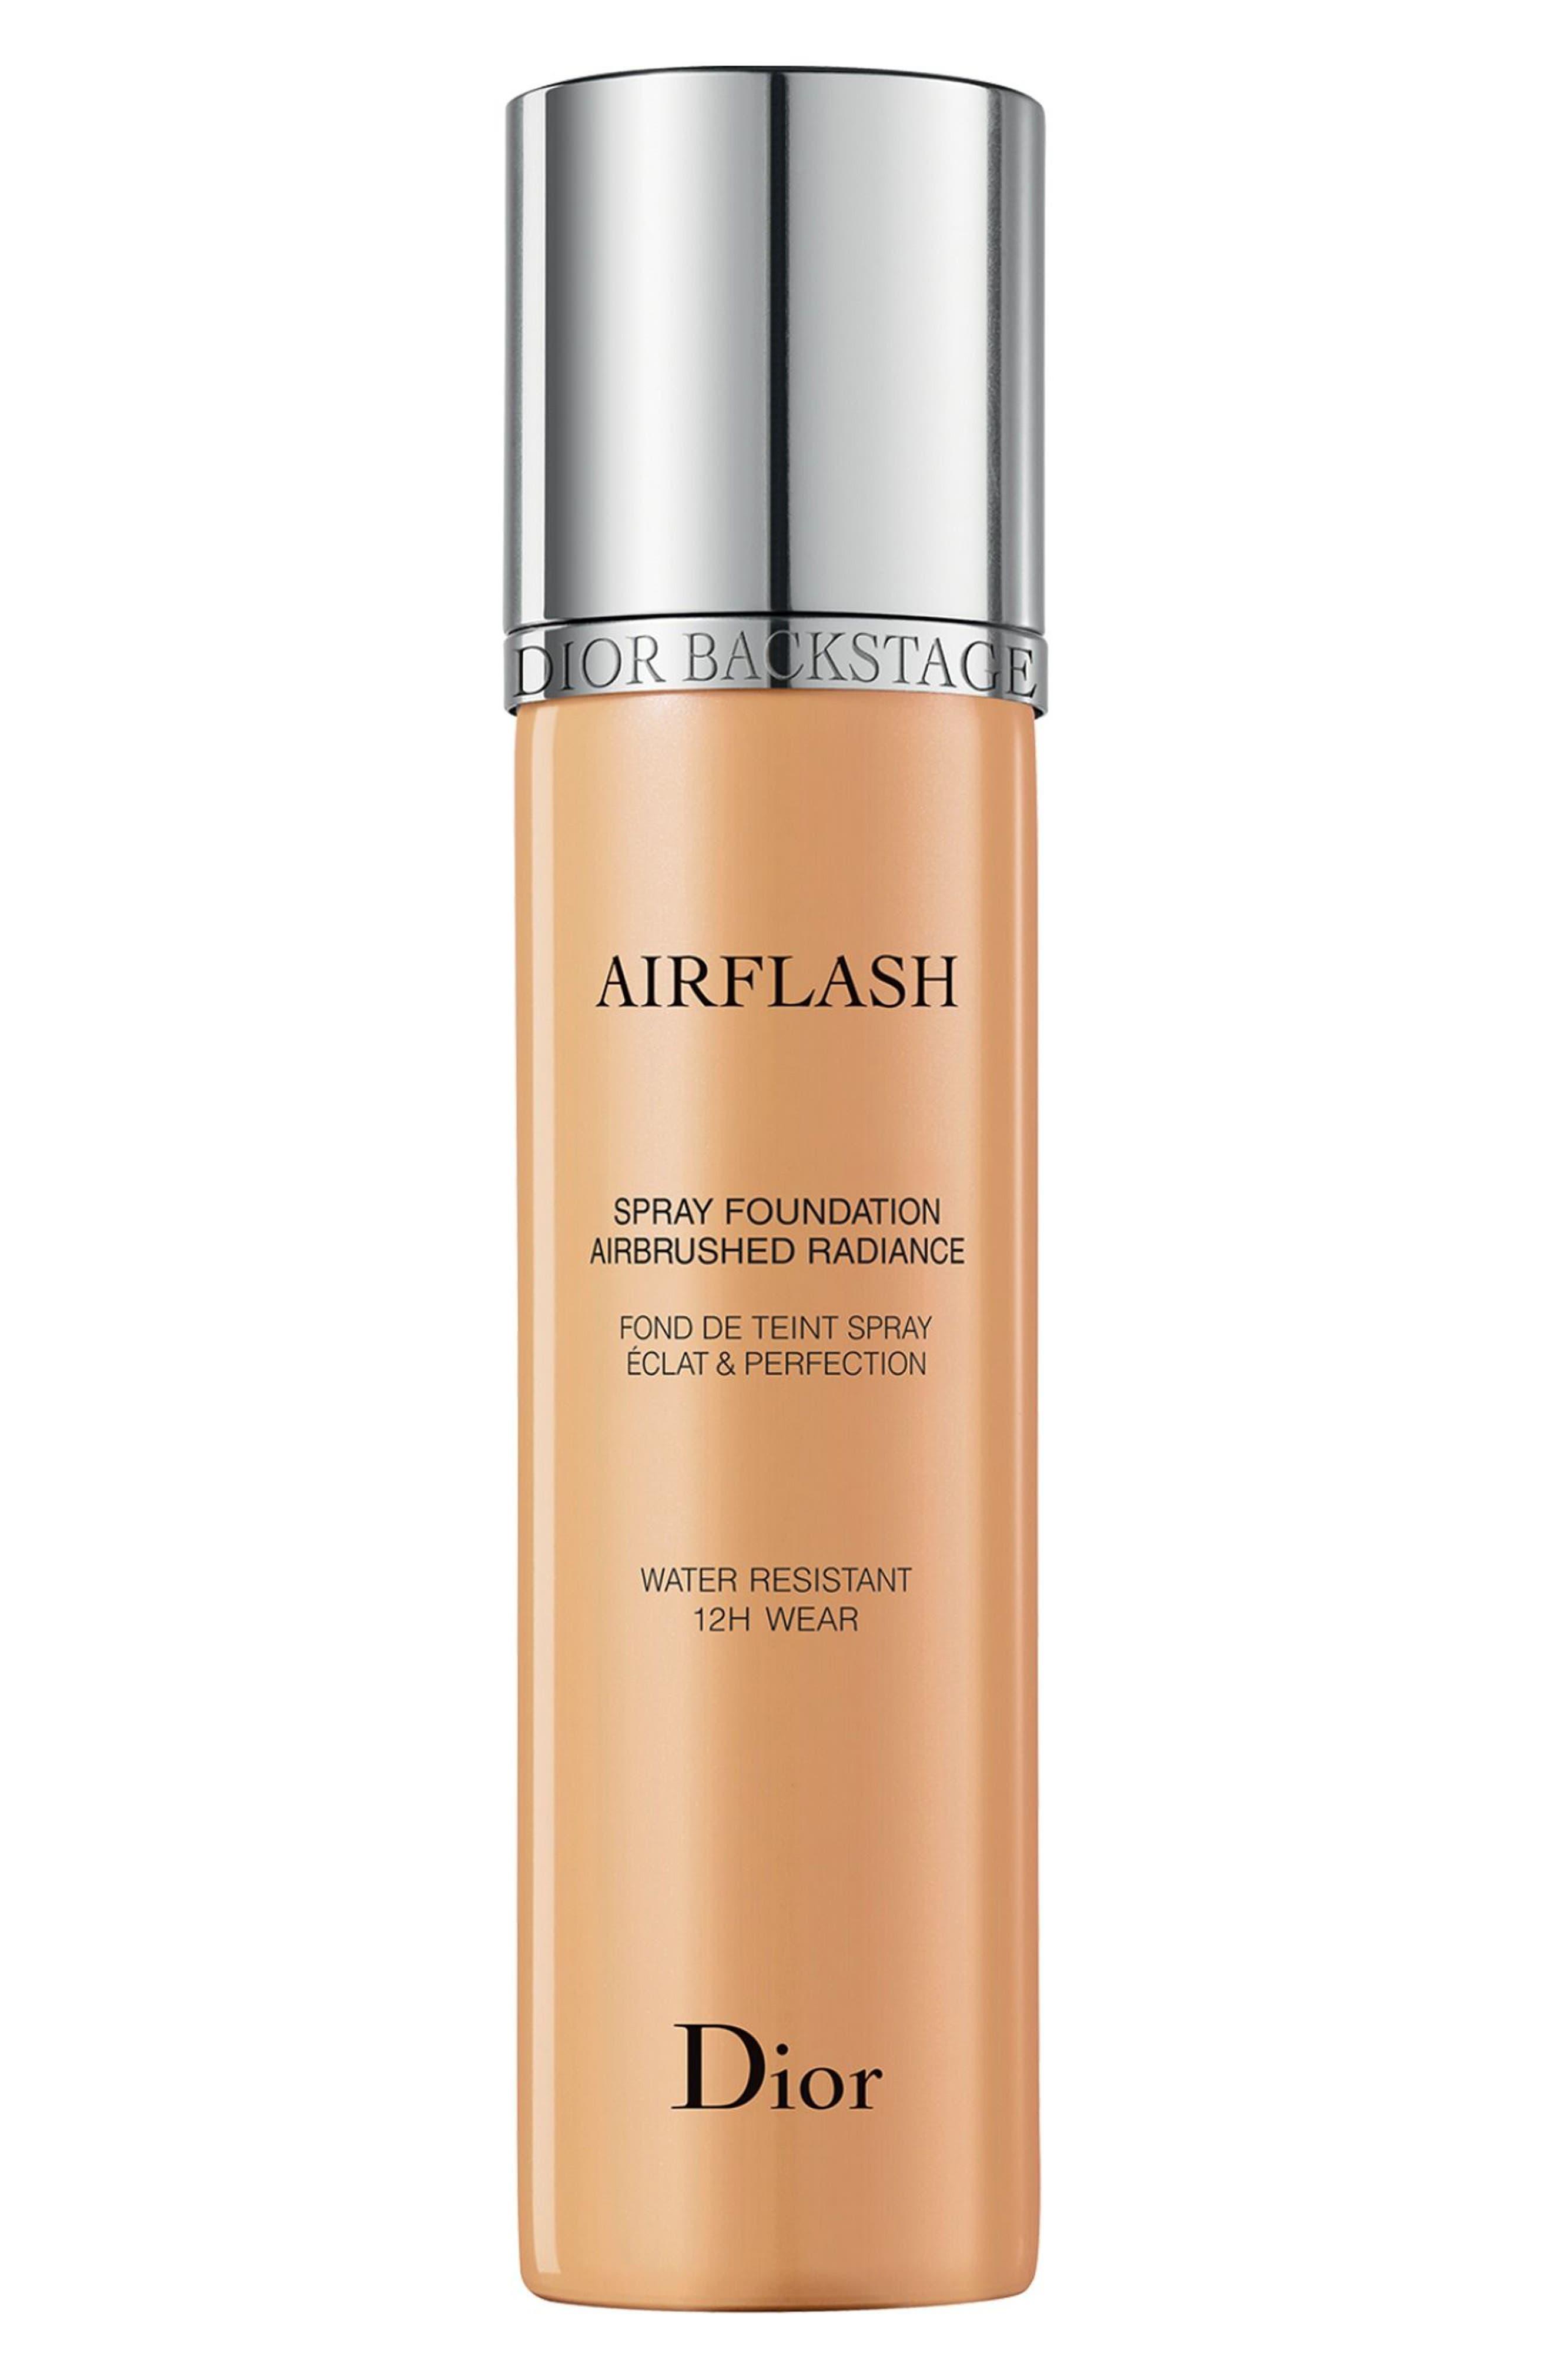 Dior Diorskin Airflash Spray Foundation - 303 Apricot Beige